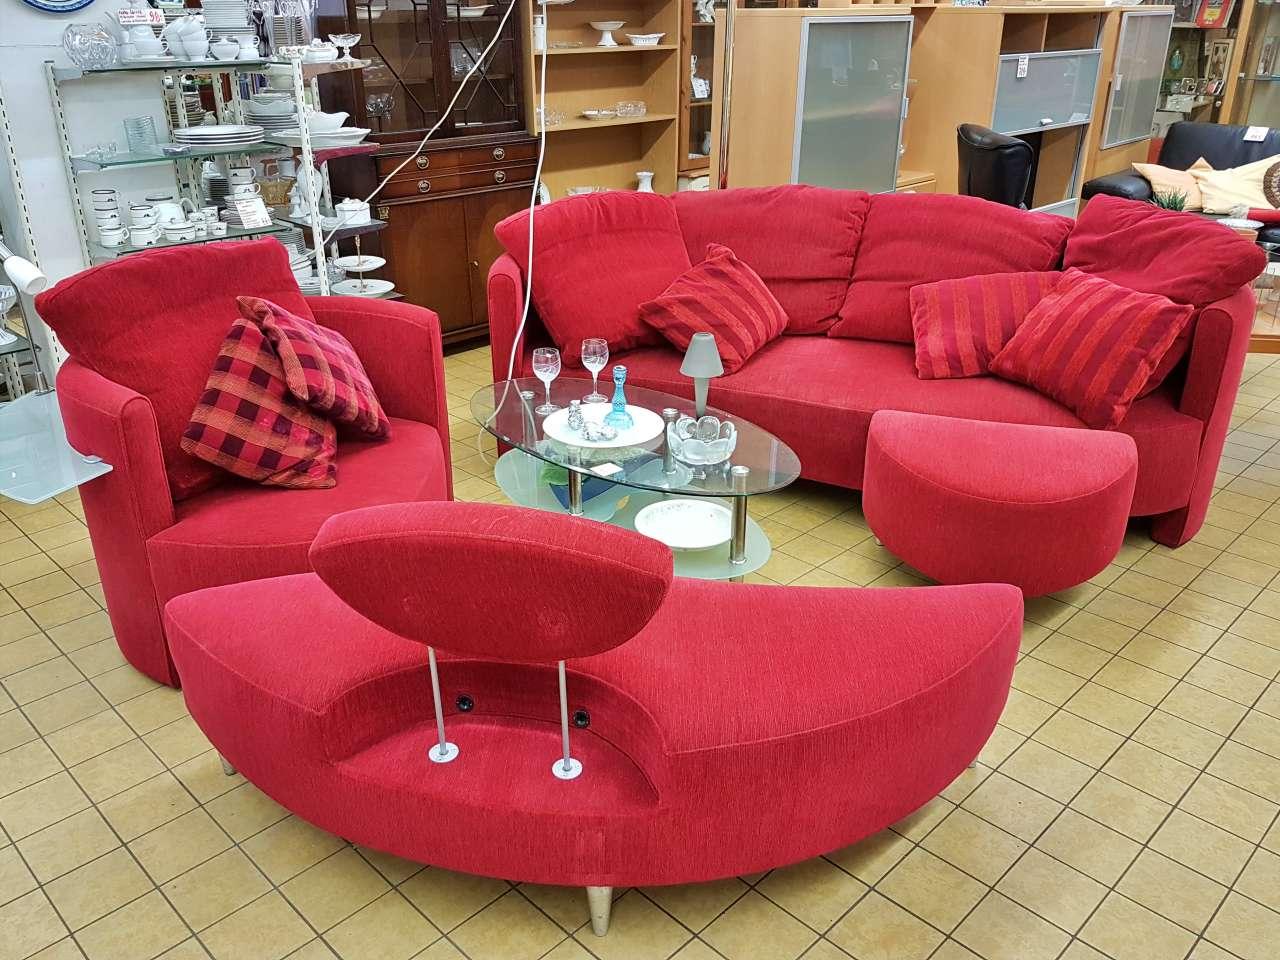 Sitzgarnitur Wohnlandschaft stylisch rot Stoff